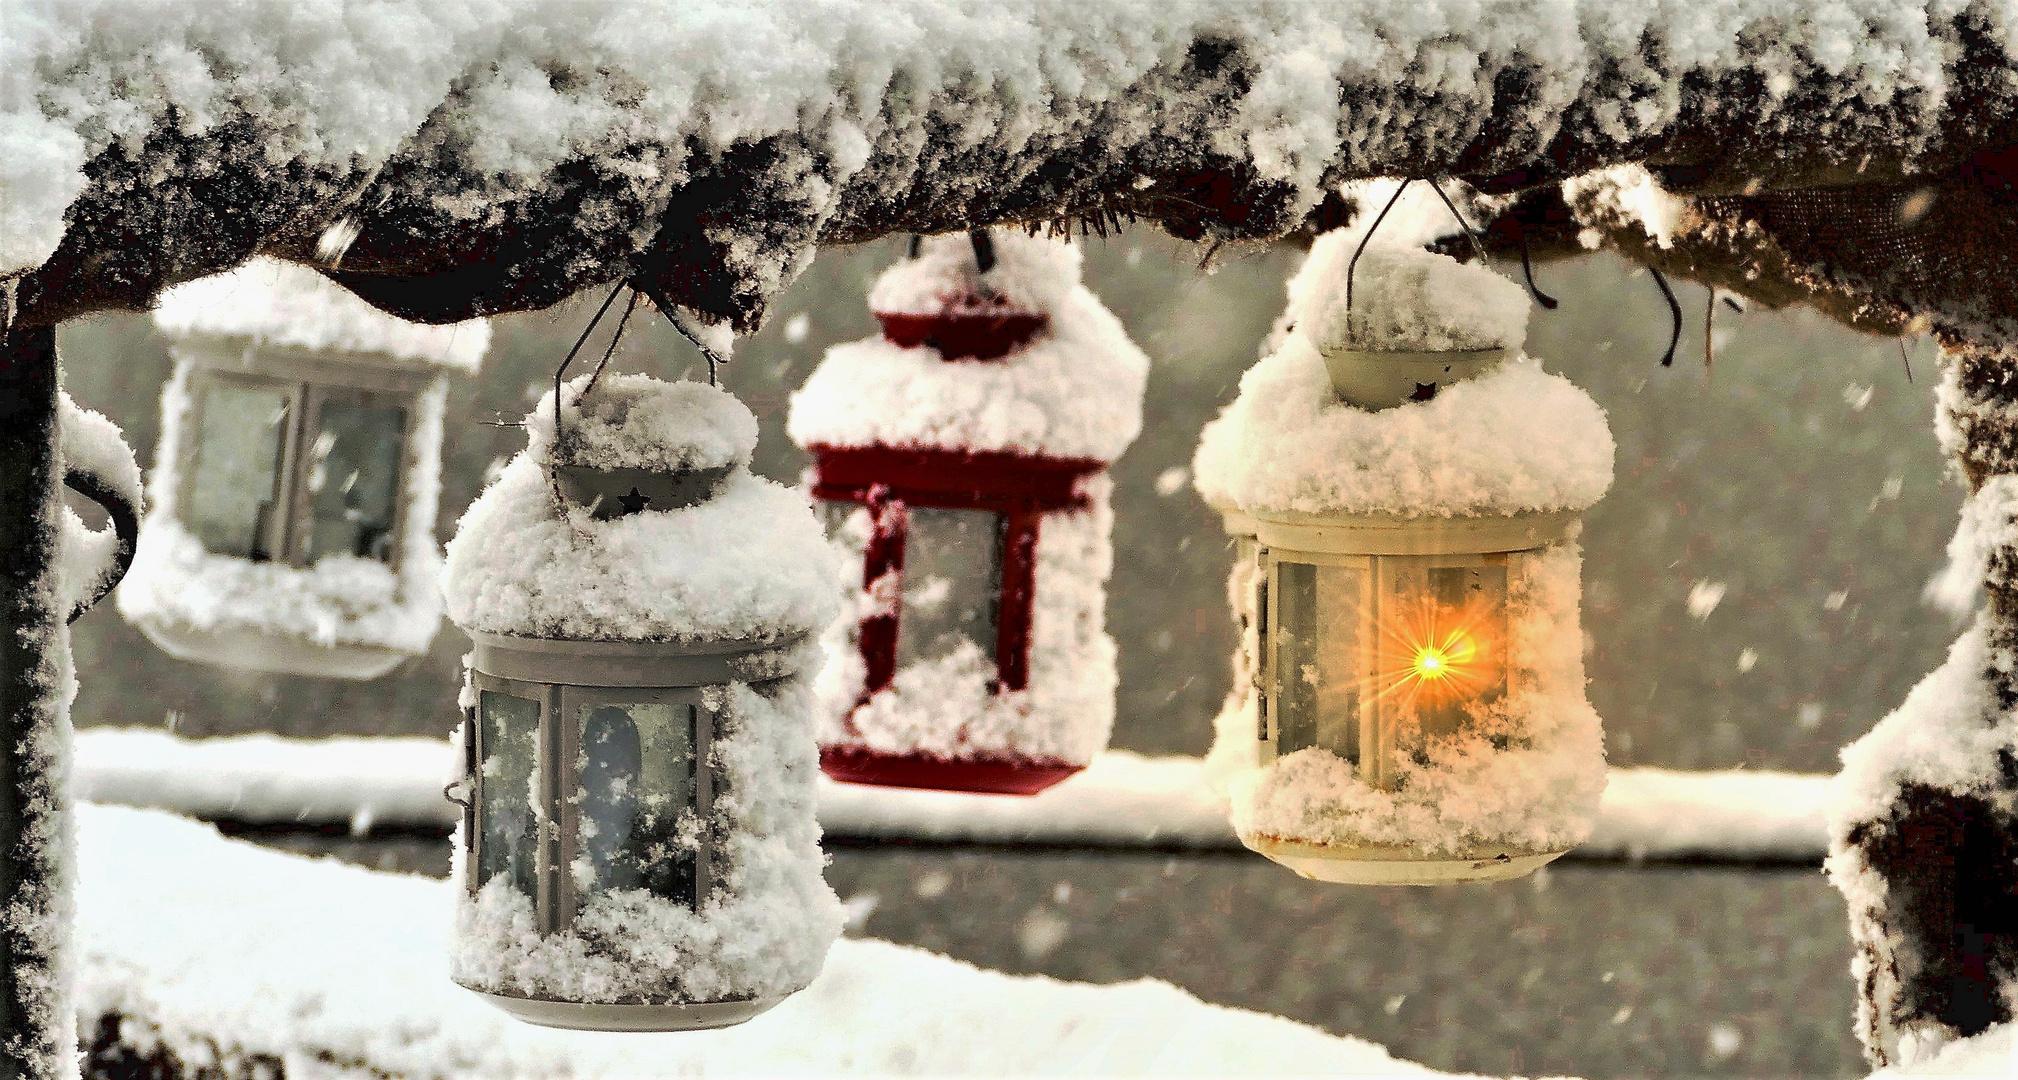 Ich wünsche euch einen schönen 1. Advent